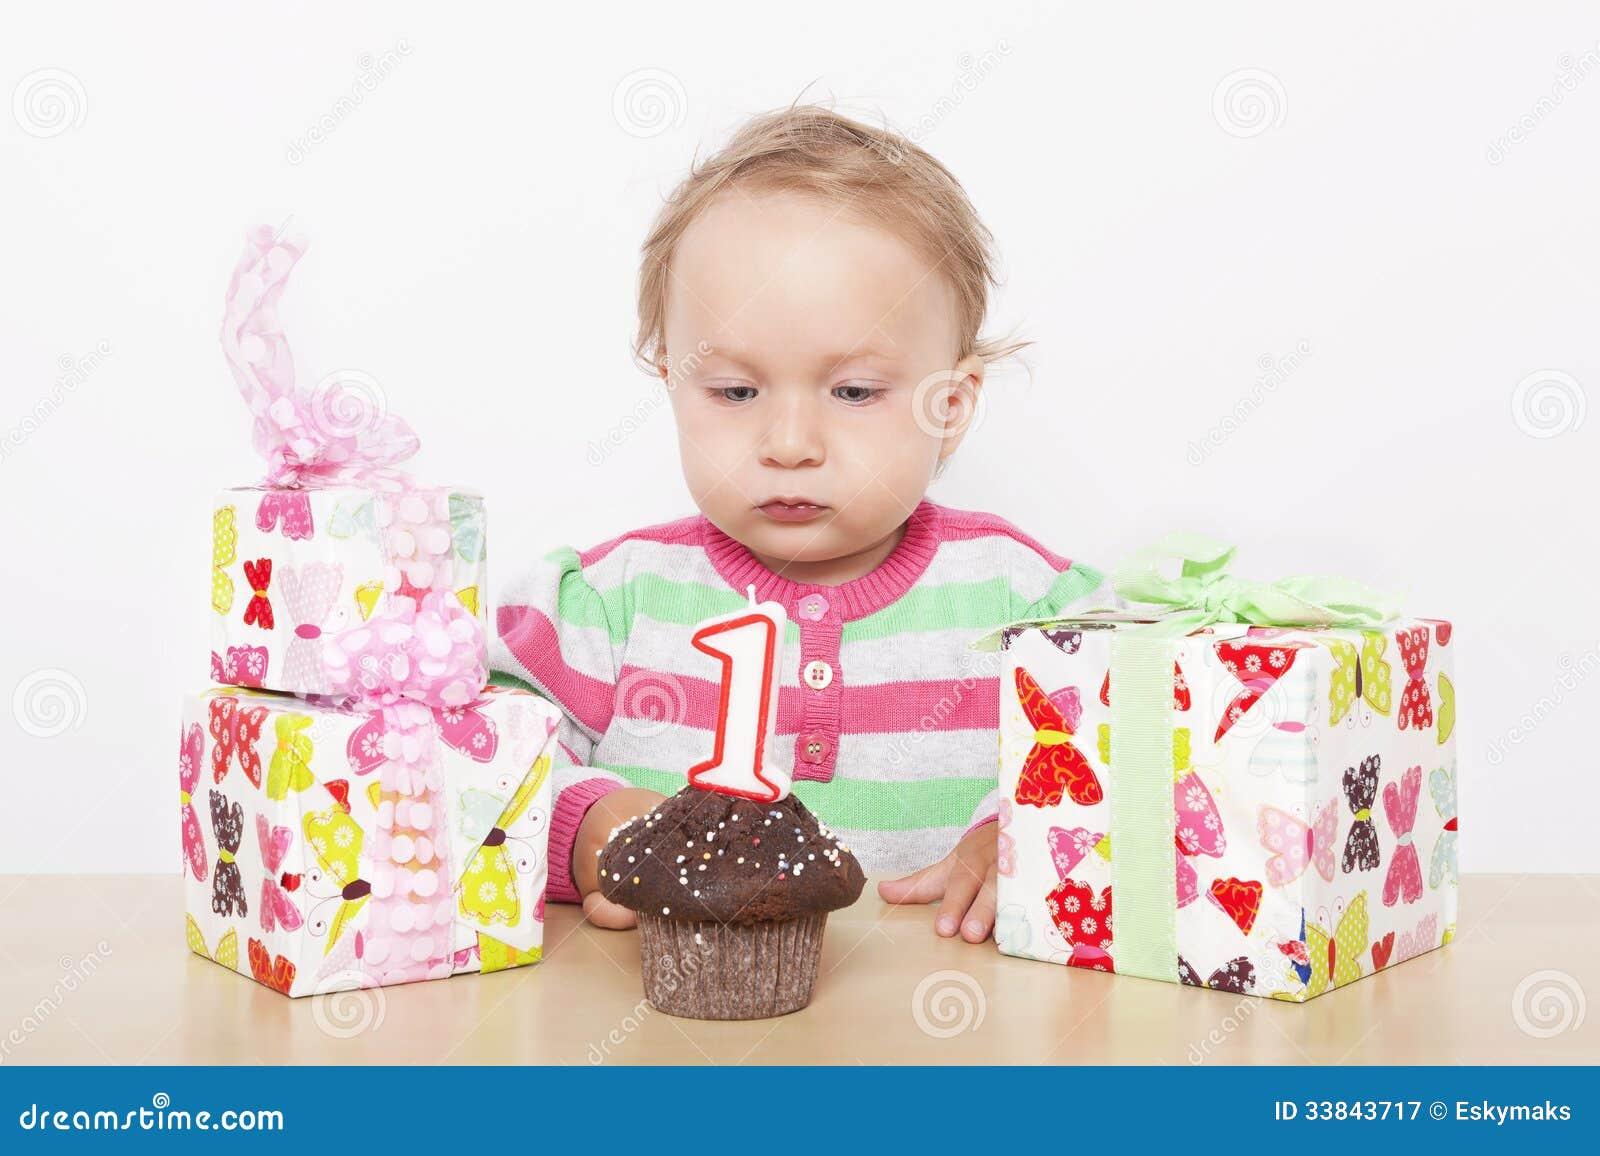 80th Birthday Decorations Etsy Birthday Cake and Birthday